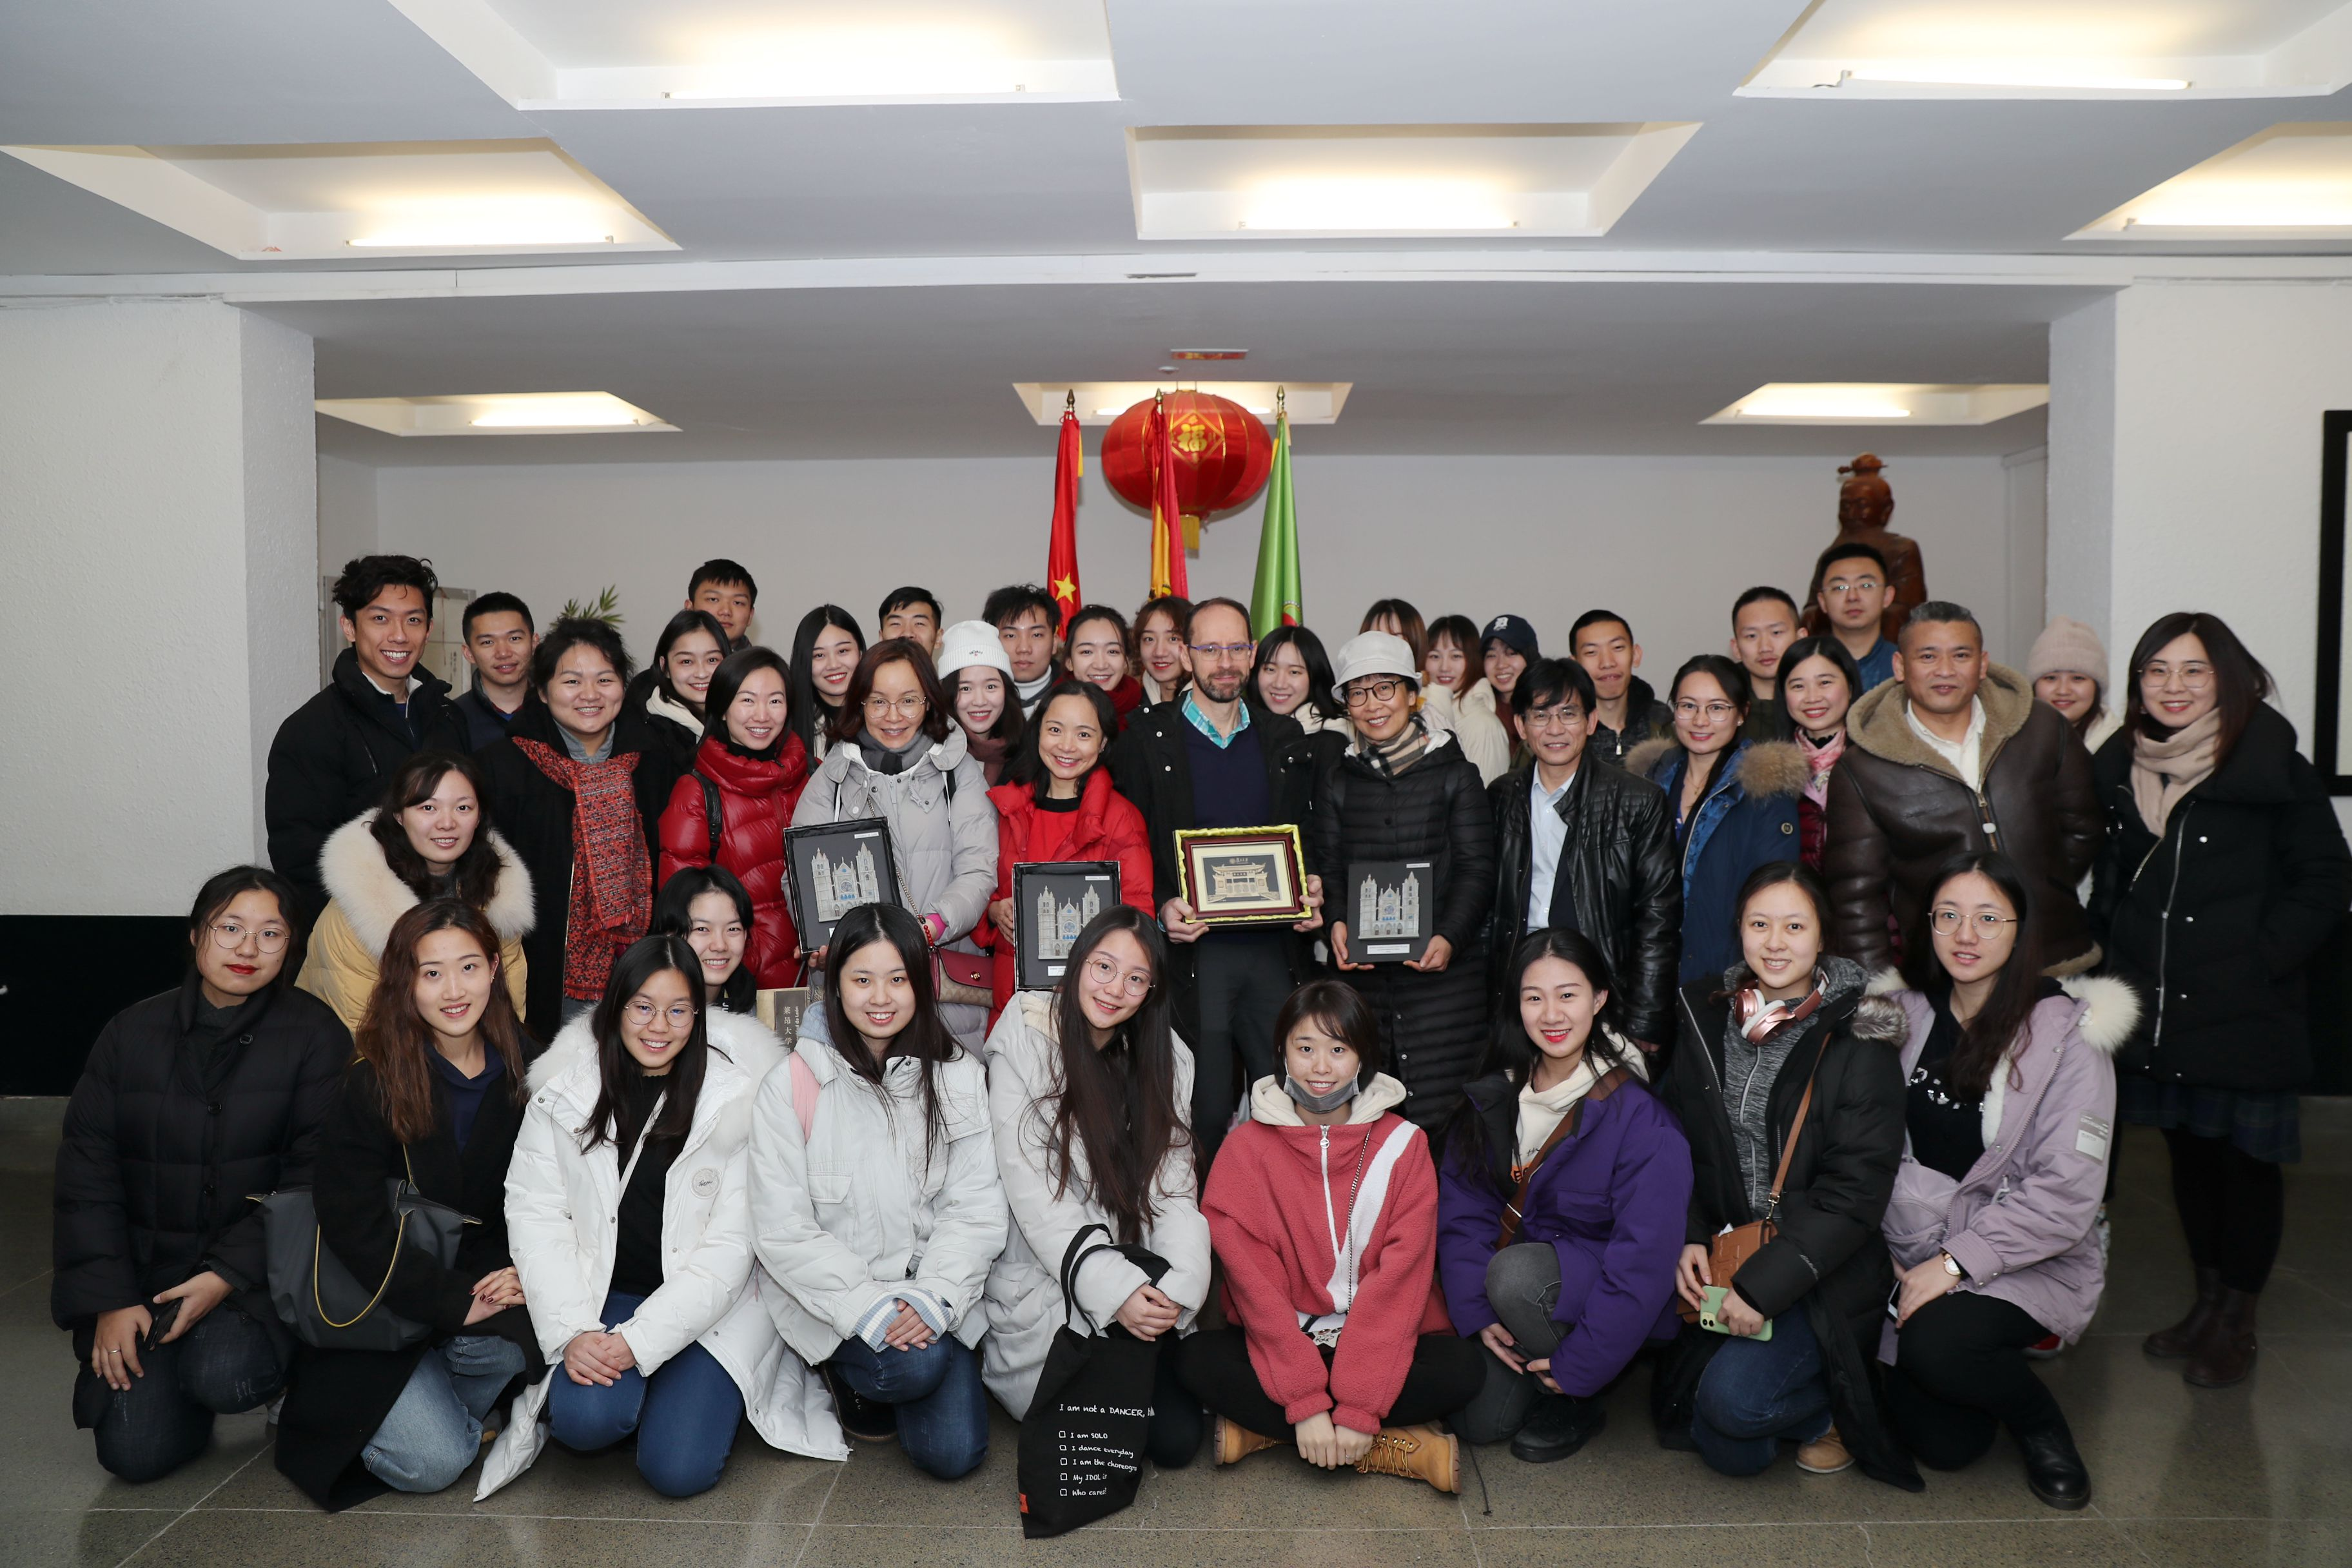 Visita del grupo artístico de la Universidad de Fudan China - imagen 2